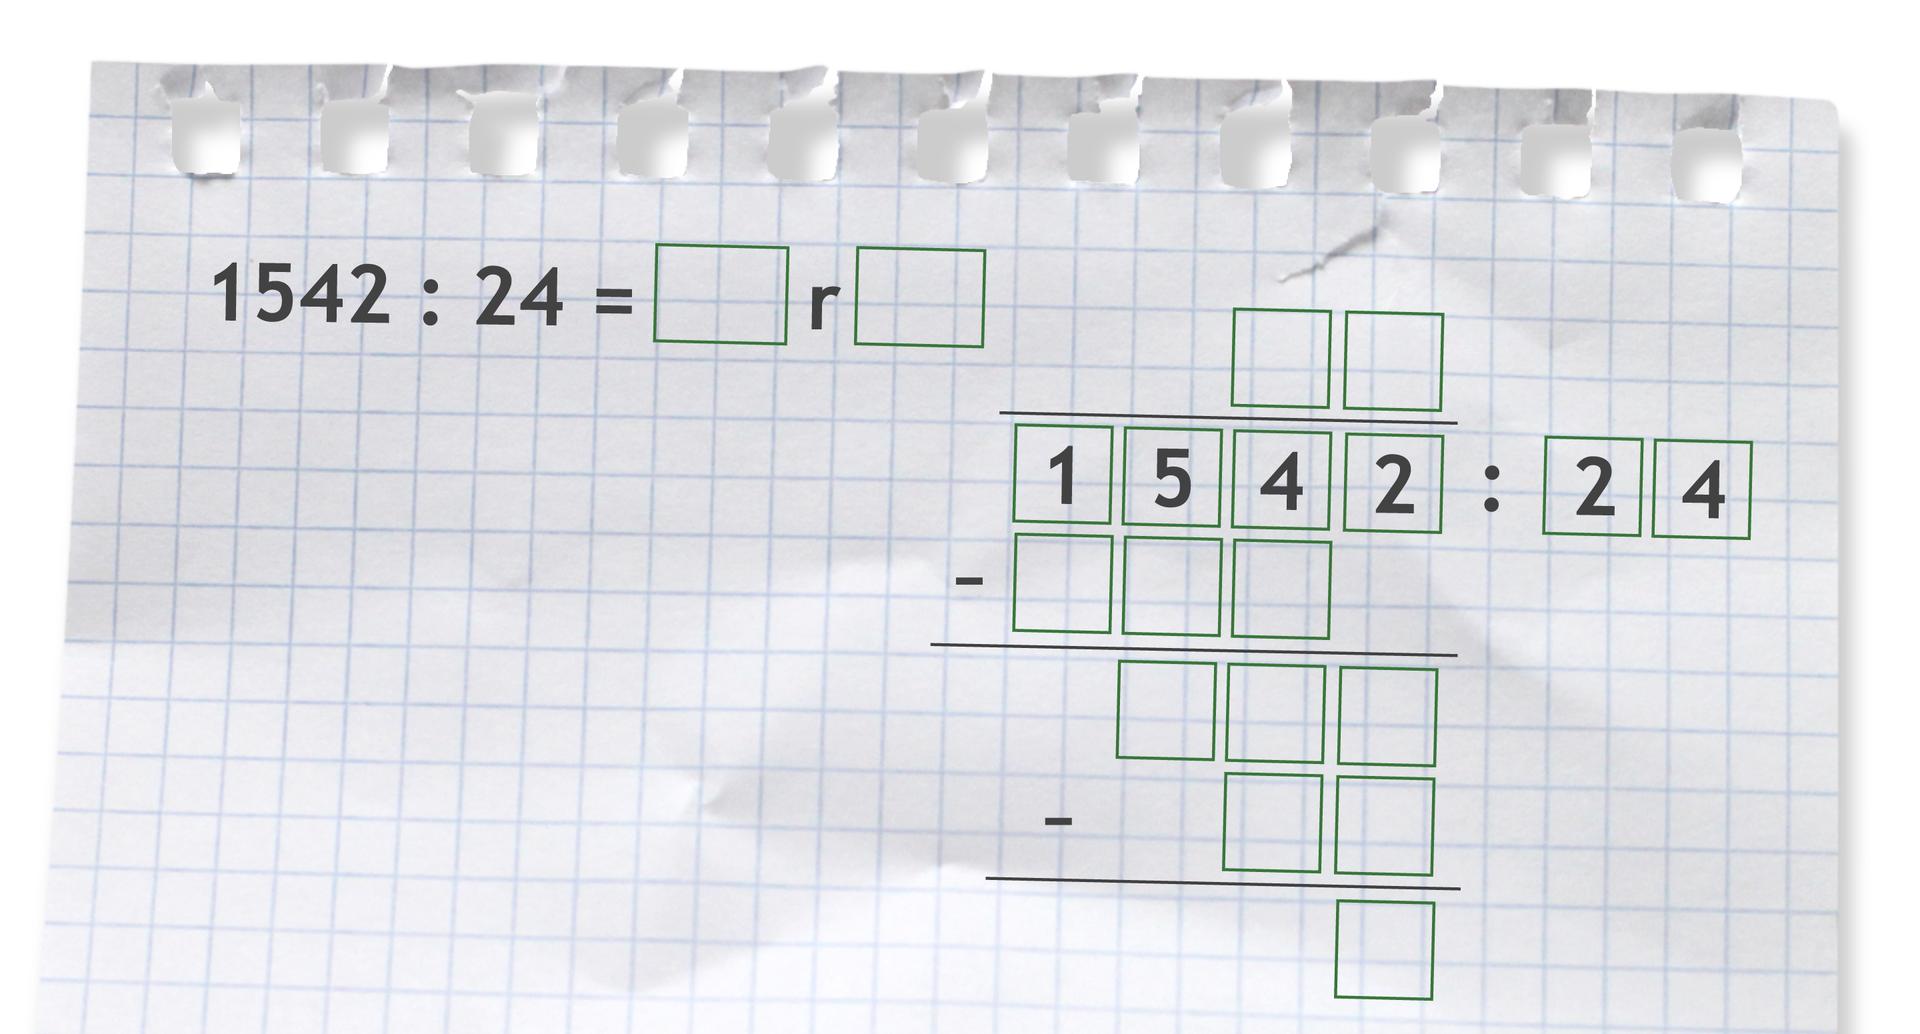 Miejsce do wykonania dzielenia zresztą: 1542 dzielone przez 24.